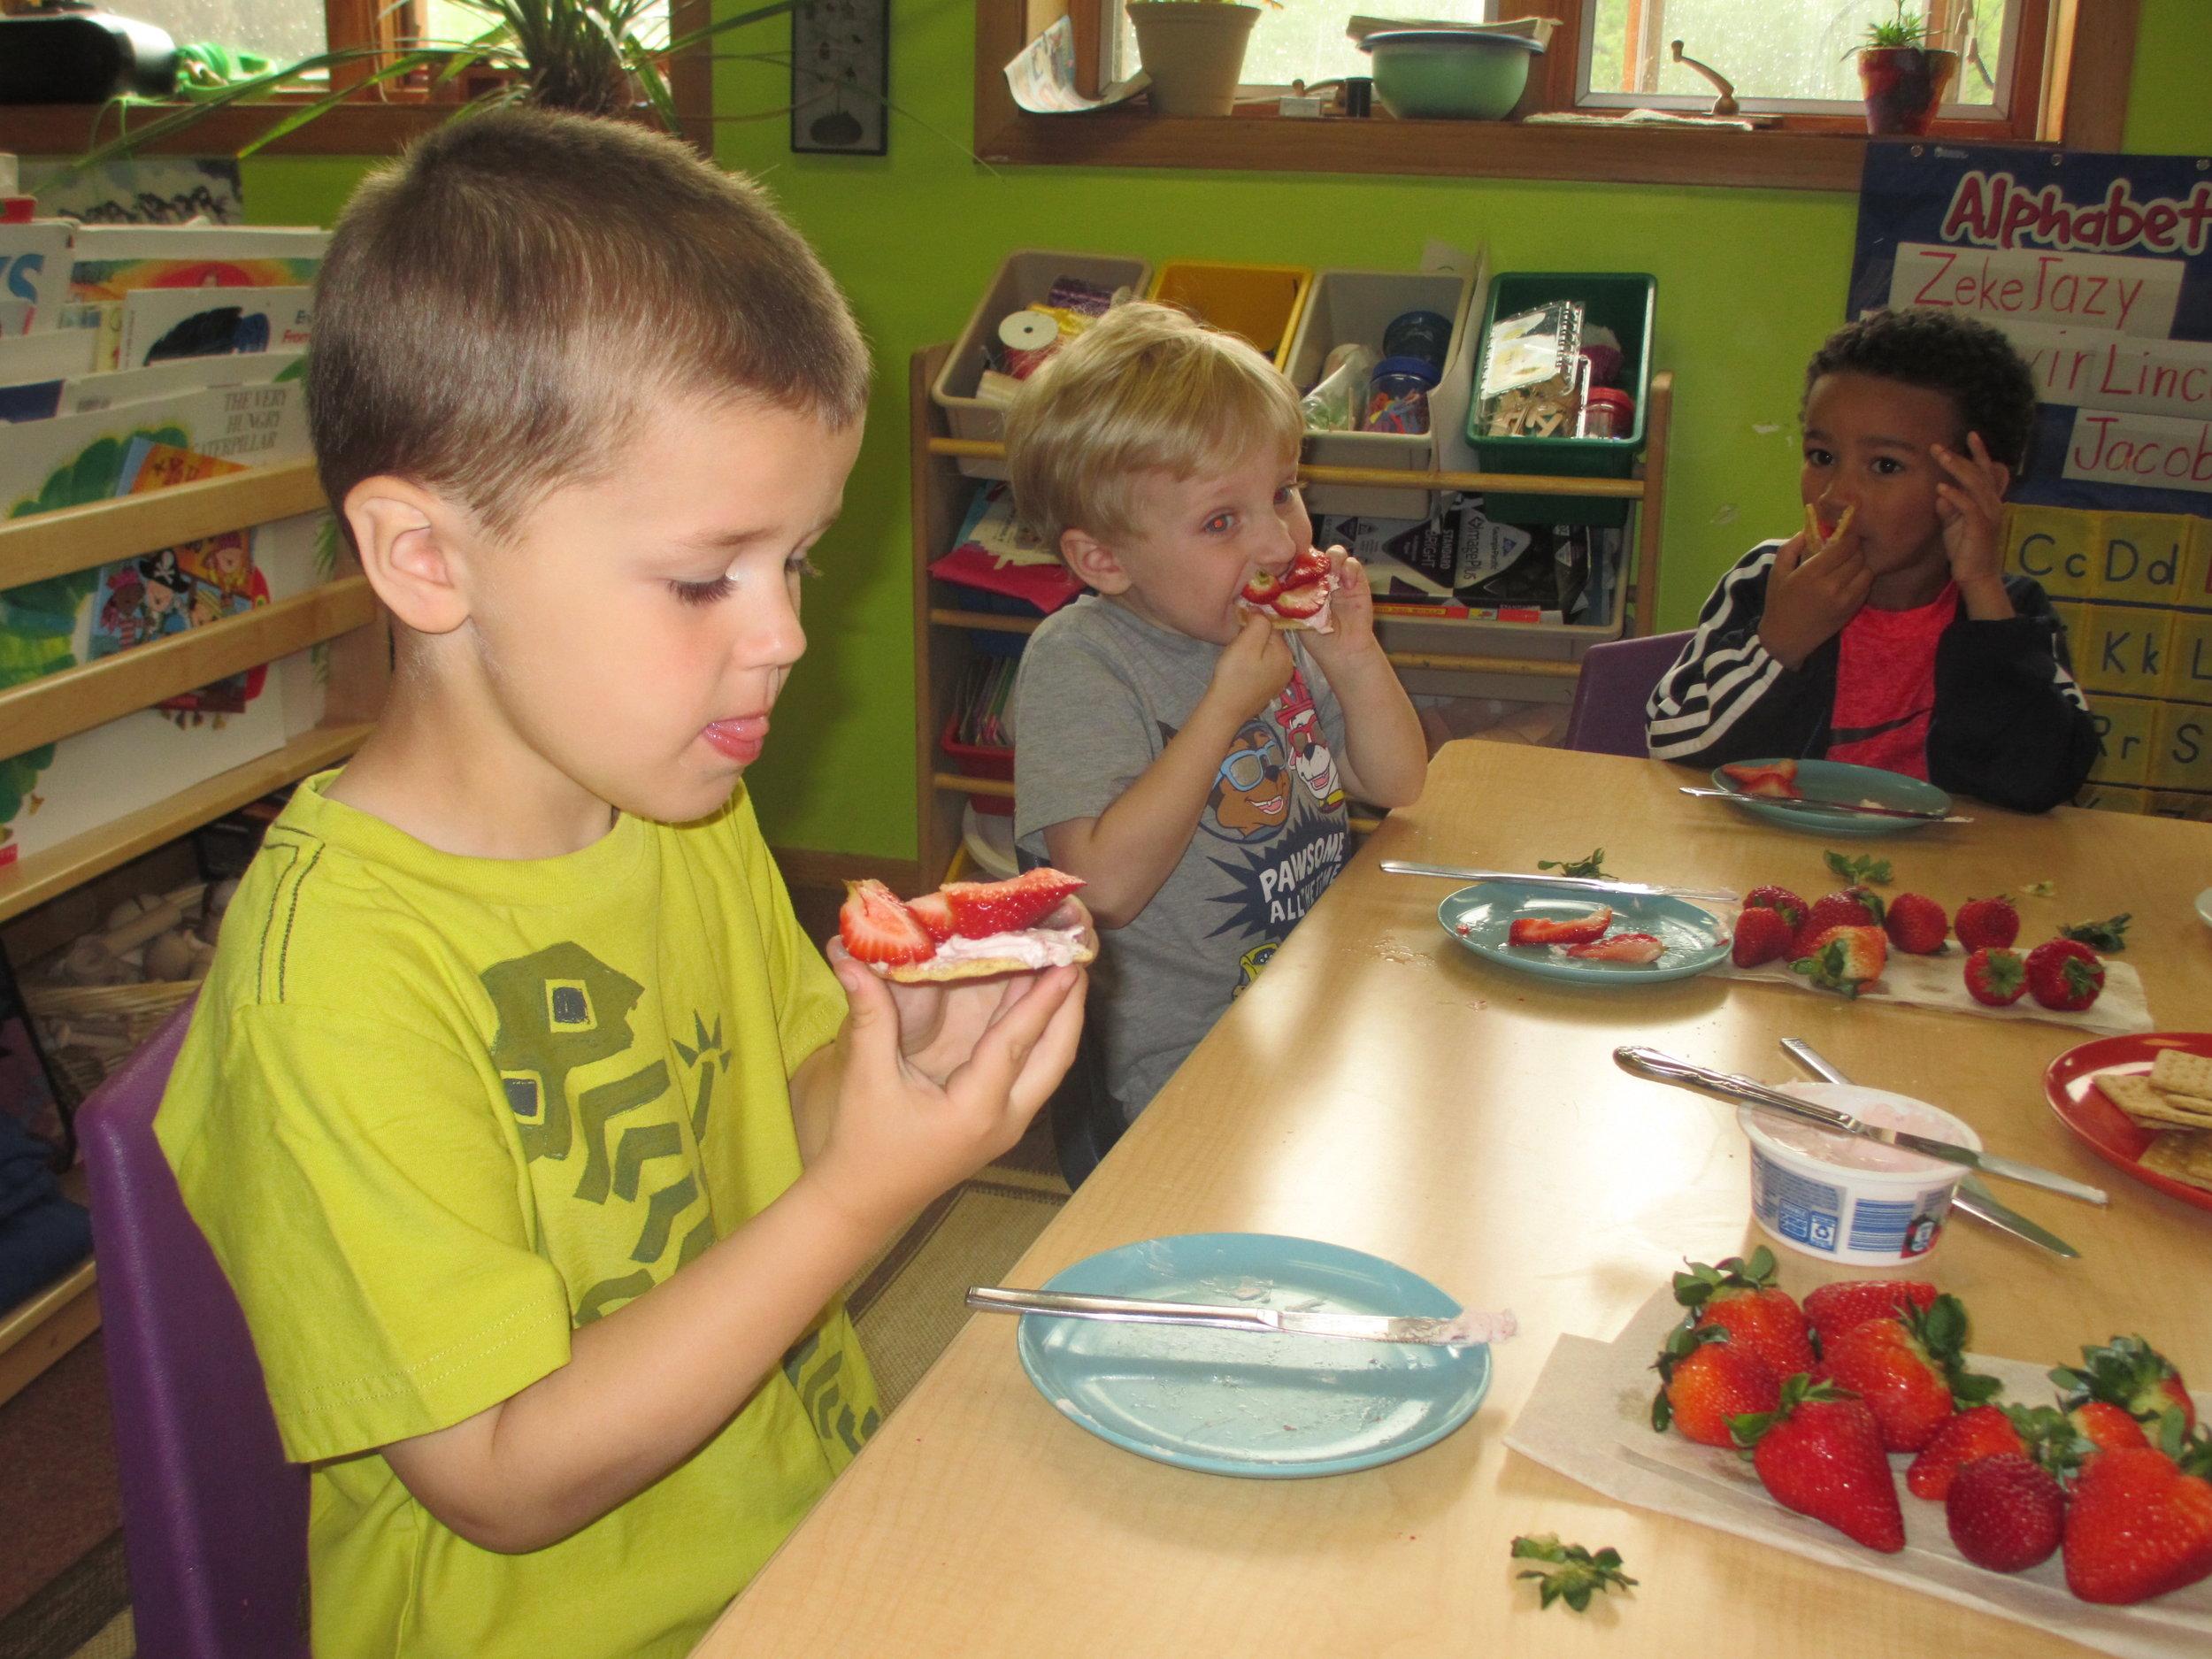 Nutrition_garden strawberries.jpg